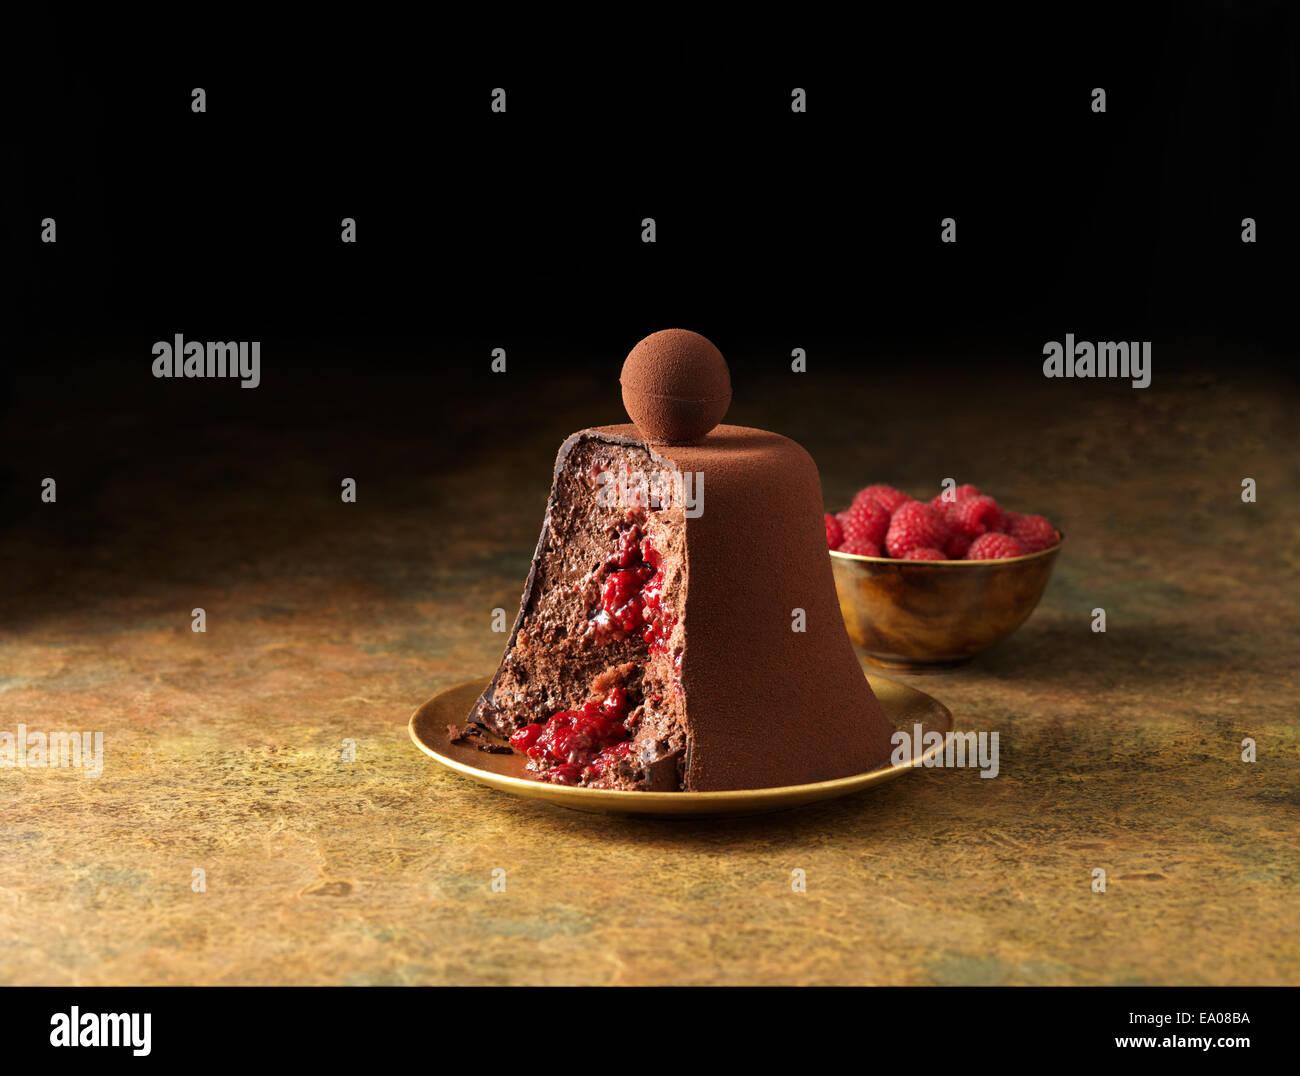 Schokoladen-Mousse dessert Stockbild